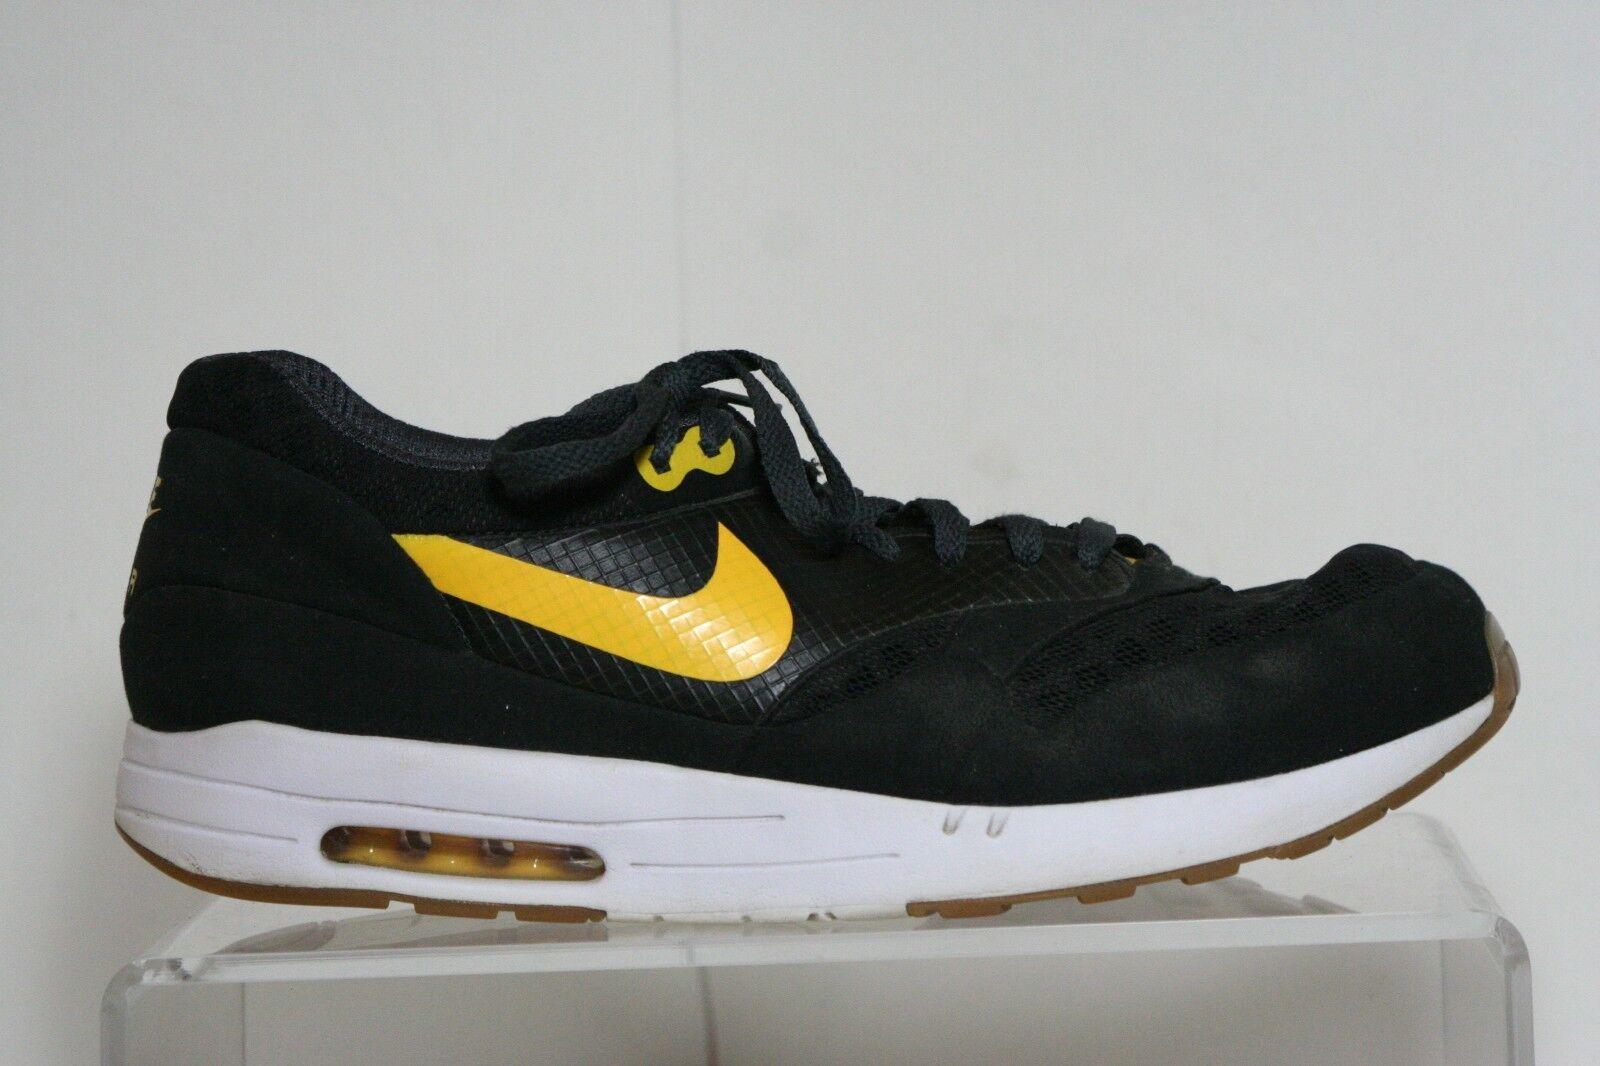 Nike air maxim 1 torcia   nd 2009 uomini 13 multi - nera e gialla in athletic -